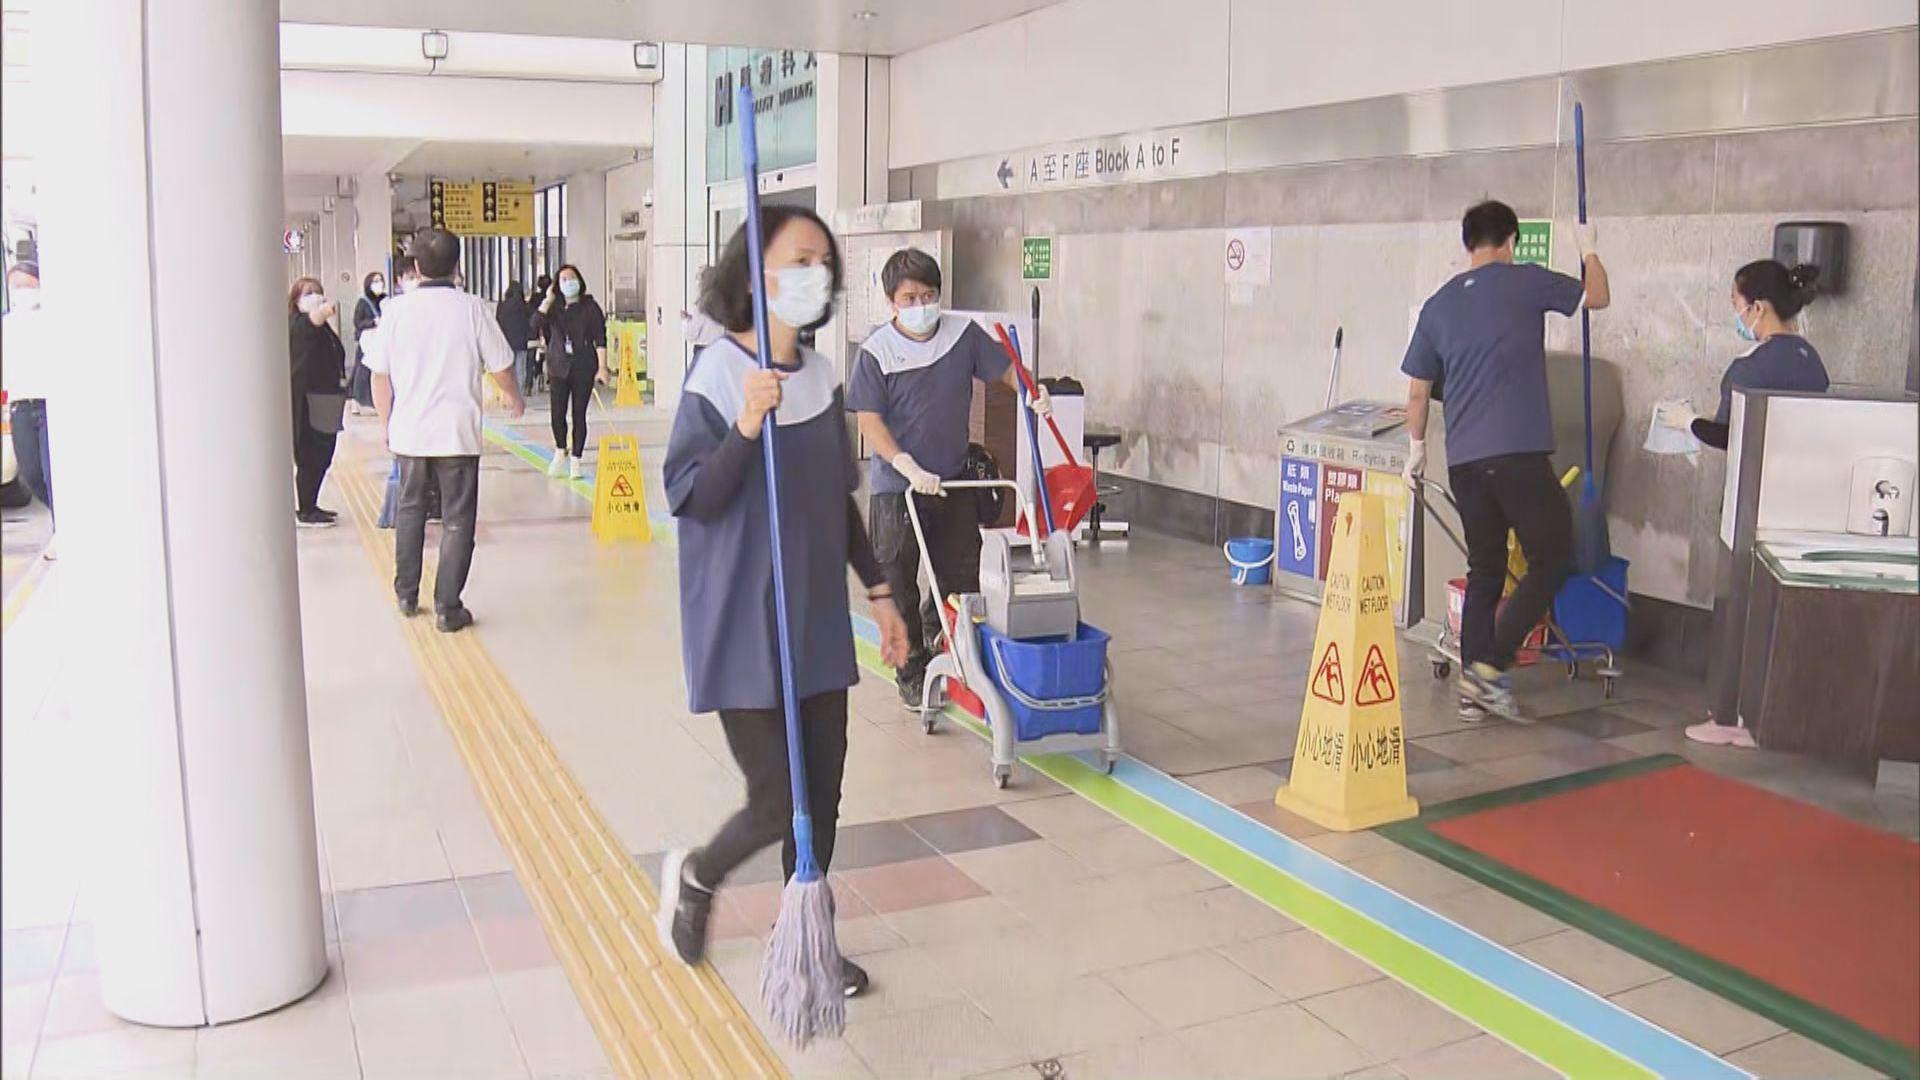 瑪嘉烈醫院日間內科病房爆疫 曾經前往人士須強制檢測